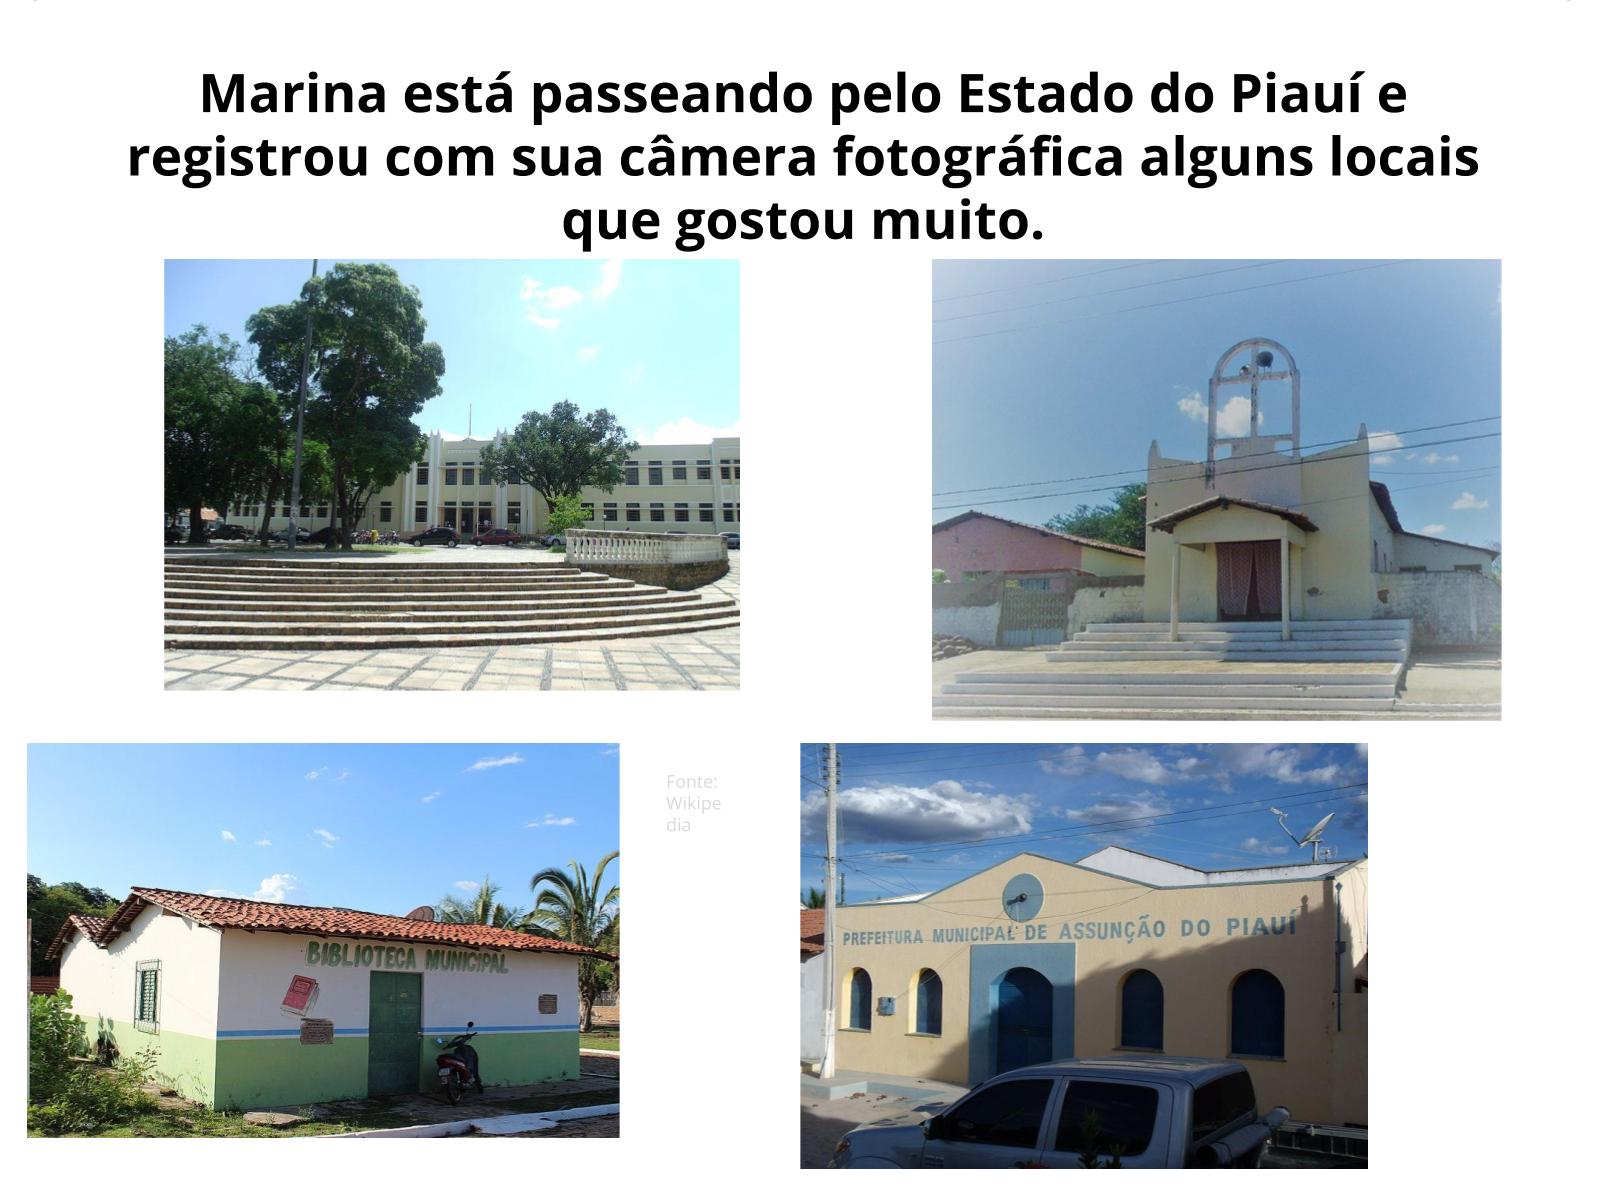 Localizando os espaços públicos de minha cidade